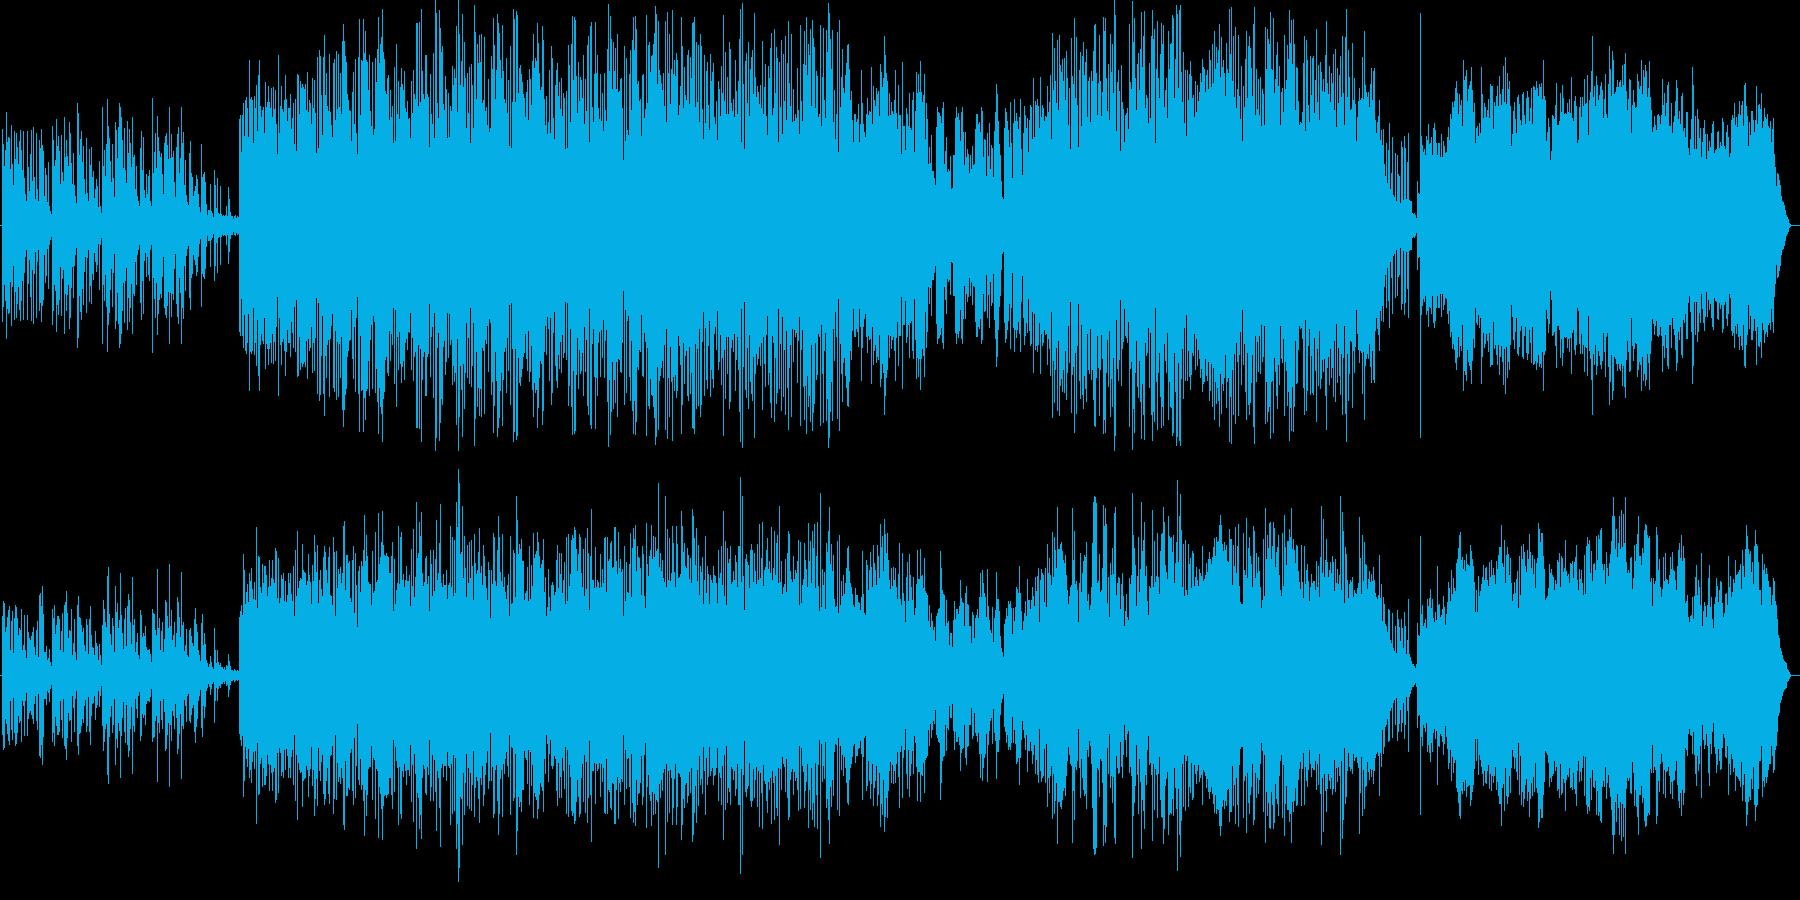 ファンタジー系のゲームに最適なBGMで…の再生済みの波形